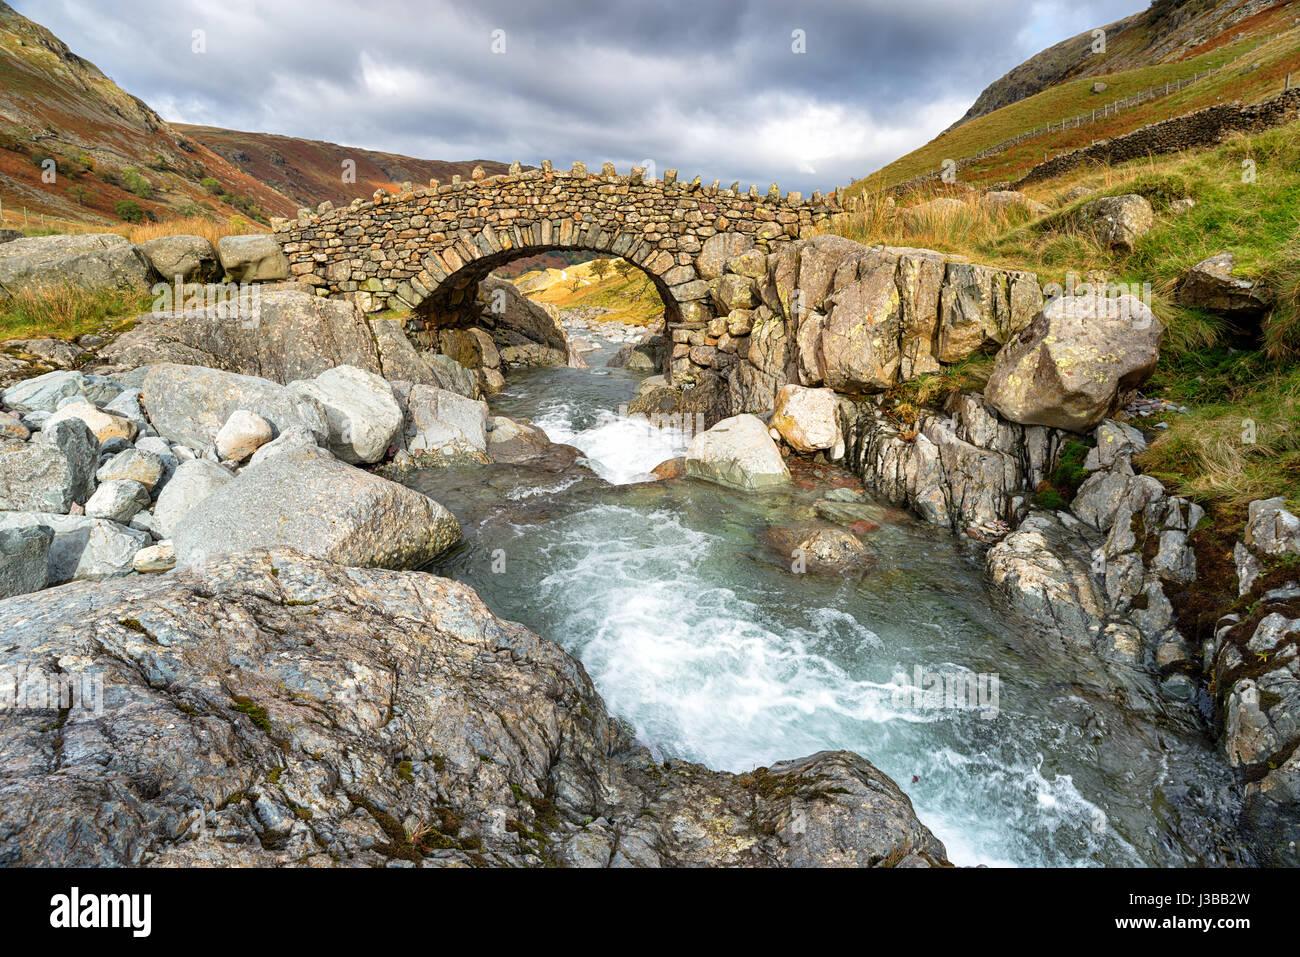 Puente cerca de Allerdale Stockley en el Parque Nacional Lake District en Cumbria Imagen De Stock